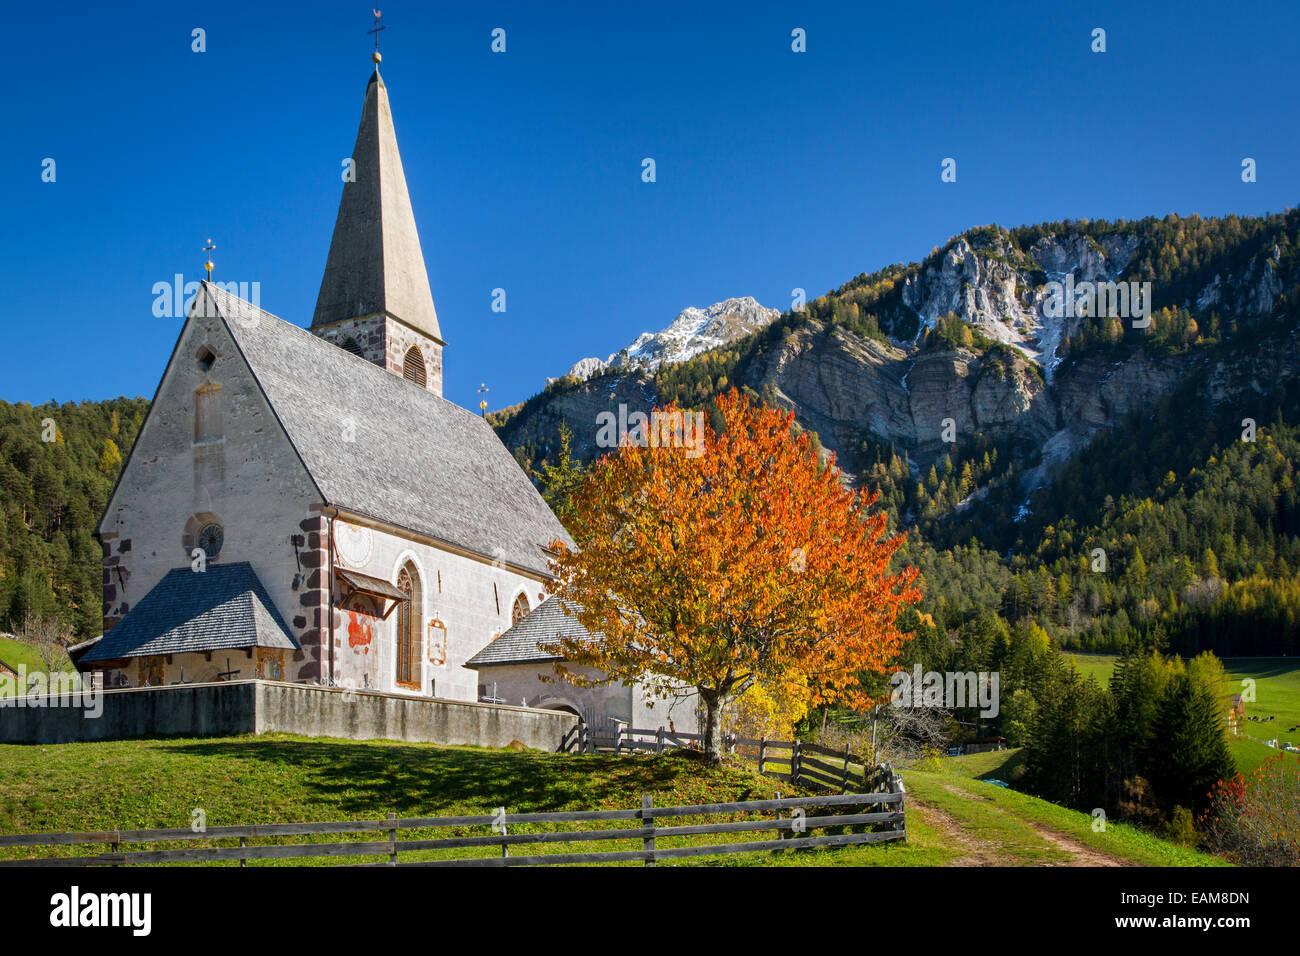 Santa Maddalena chiesa in Val di Funes, Dolomiti, Trentino-Alto Adige, Italia Immagini Stock